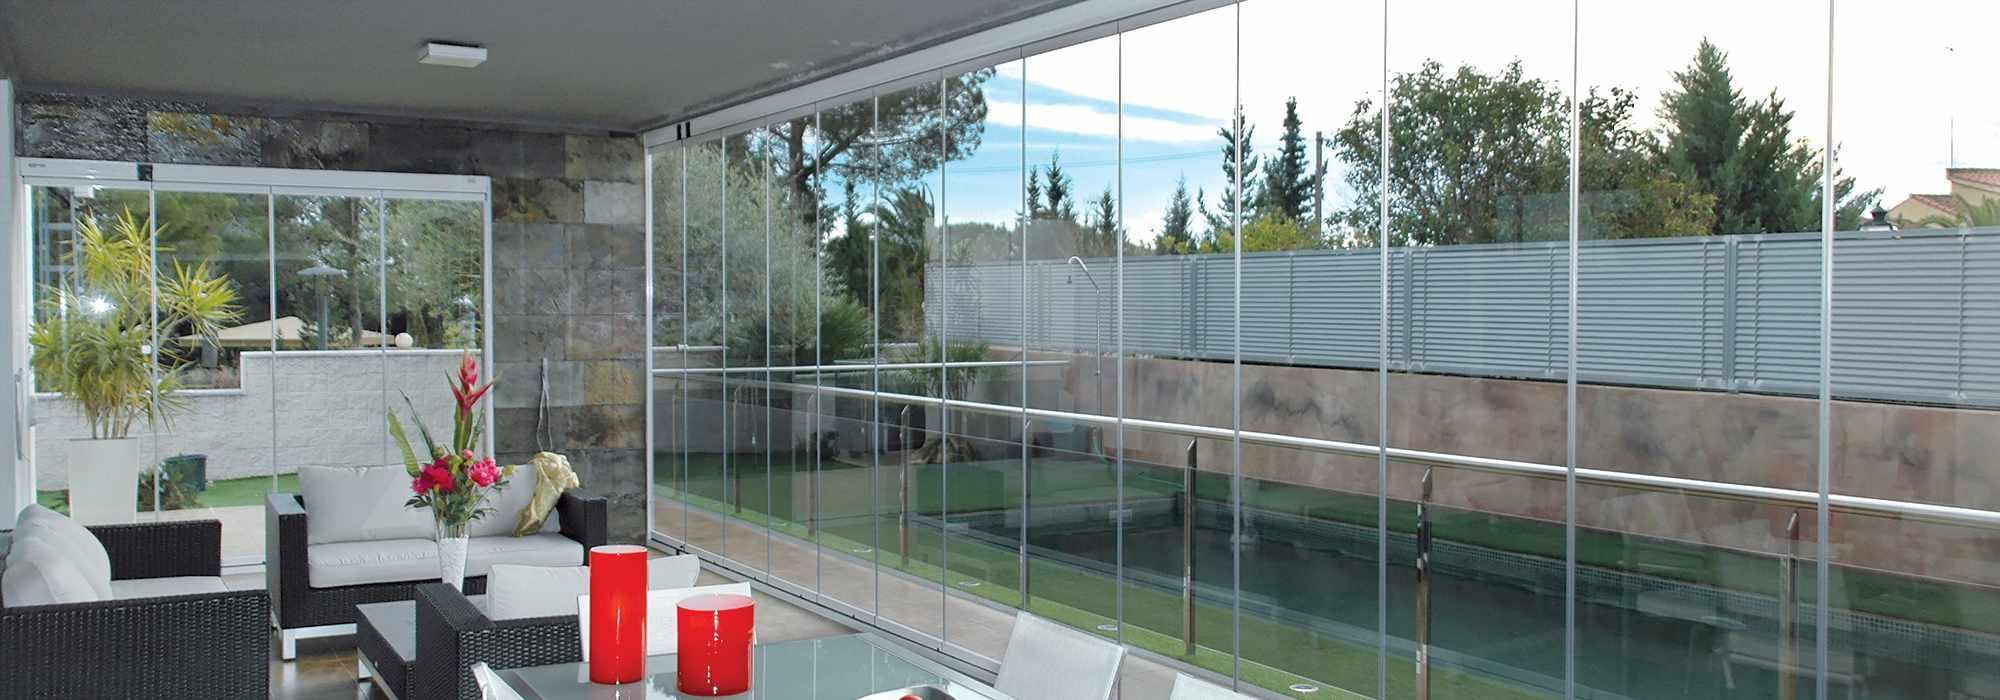 Systeme De Rideau Coulissant fermeture en verre seeglass max par glass systems